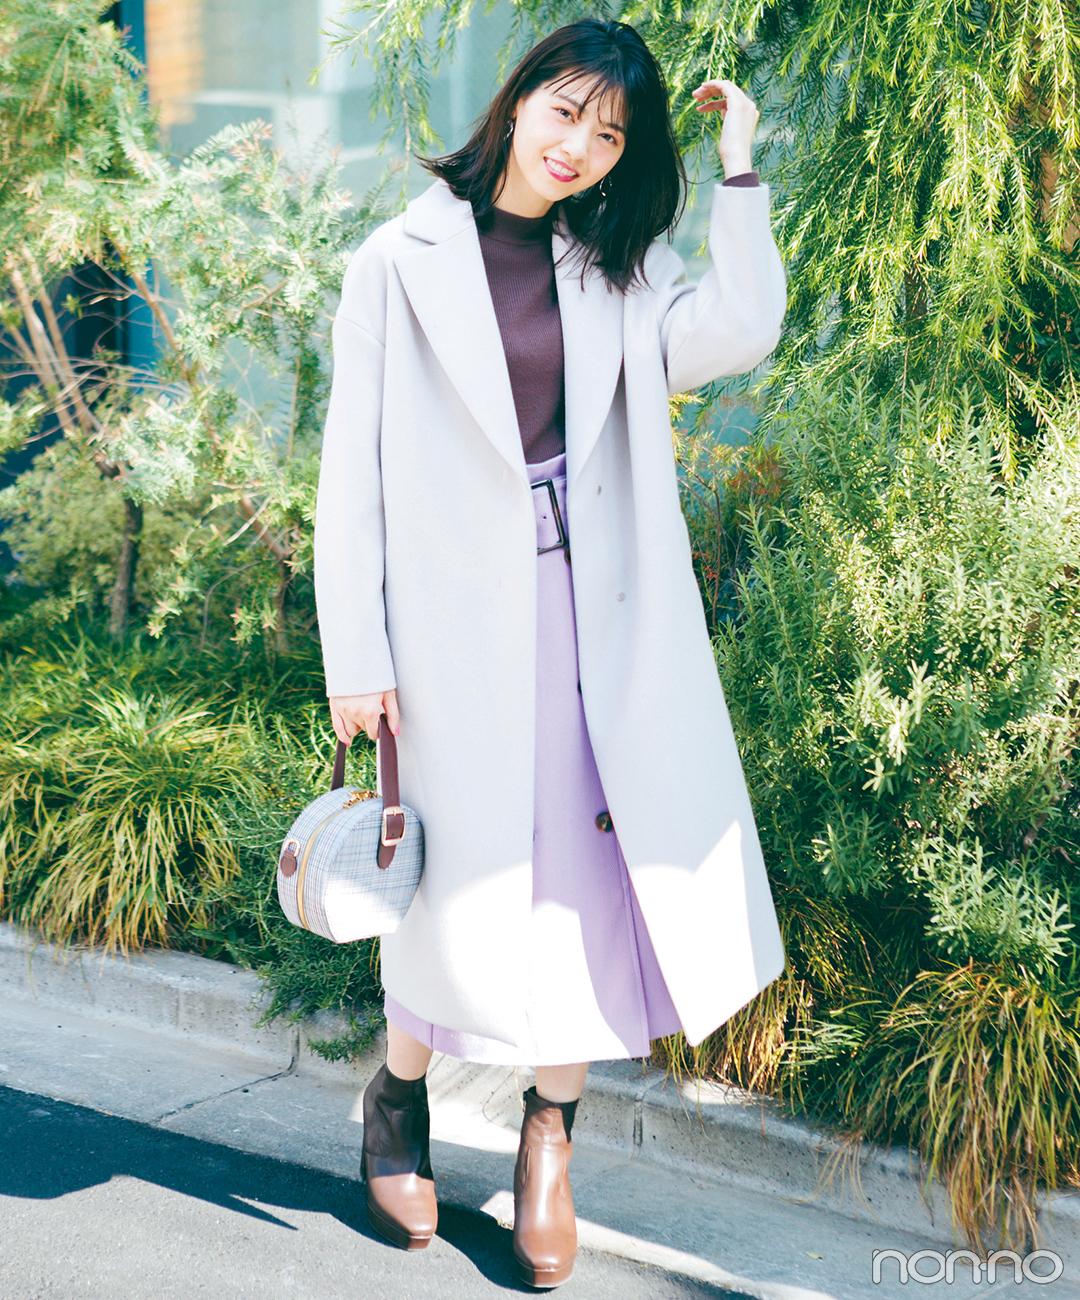 西野七瀬の冬イベシーズンはフェミニンな旬配色で♡【毎日コーデ】